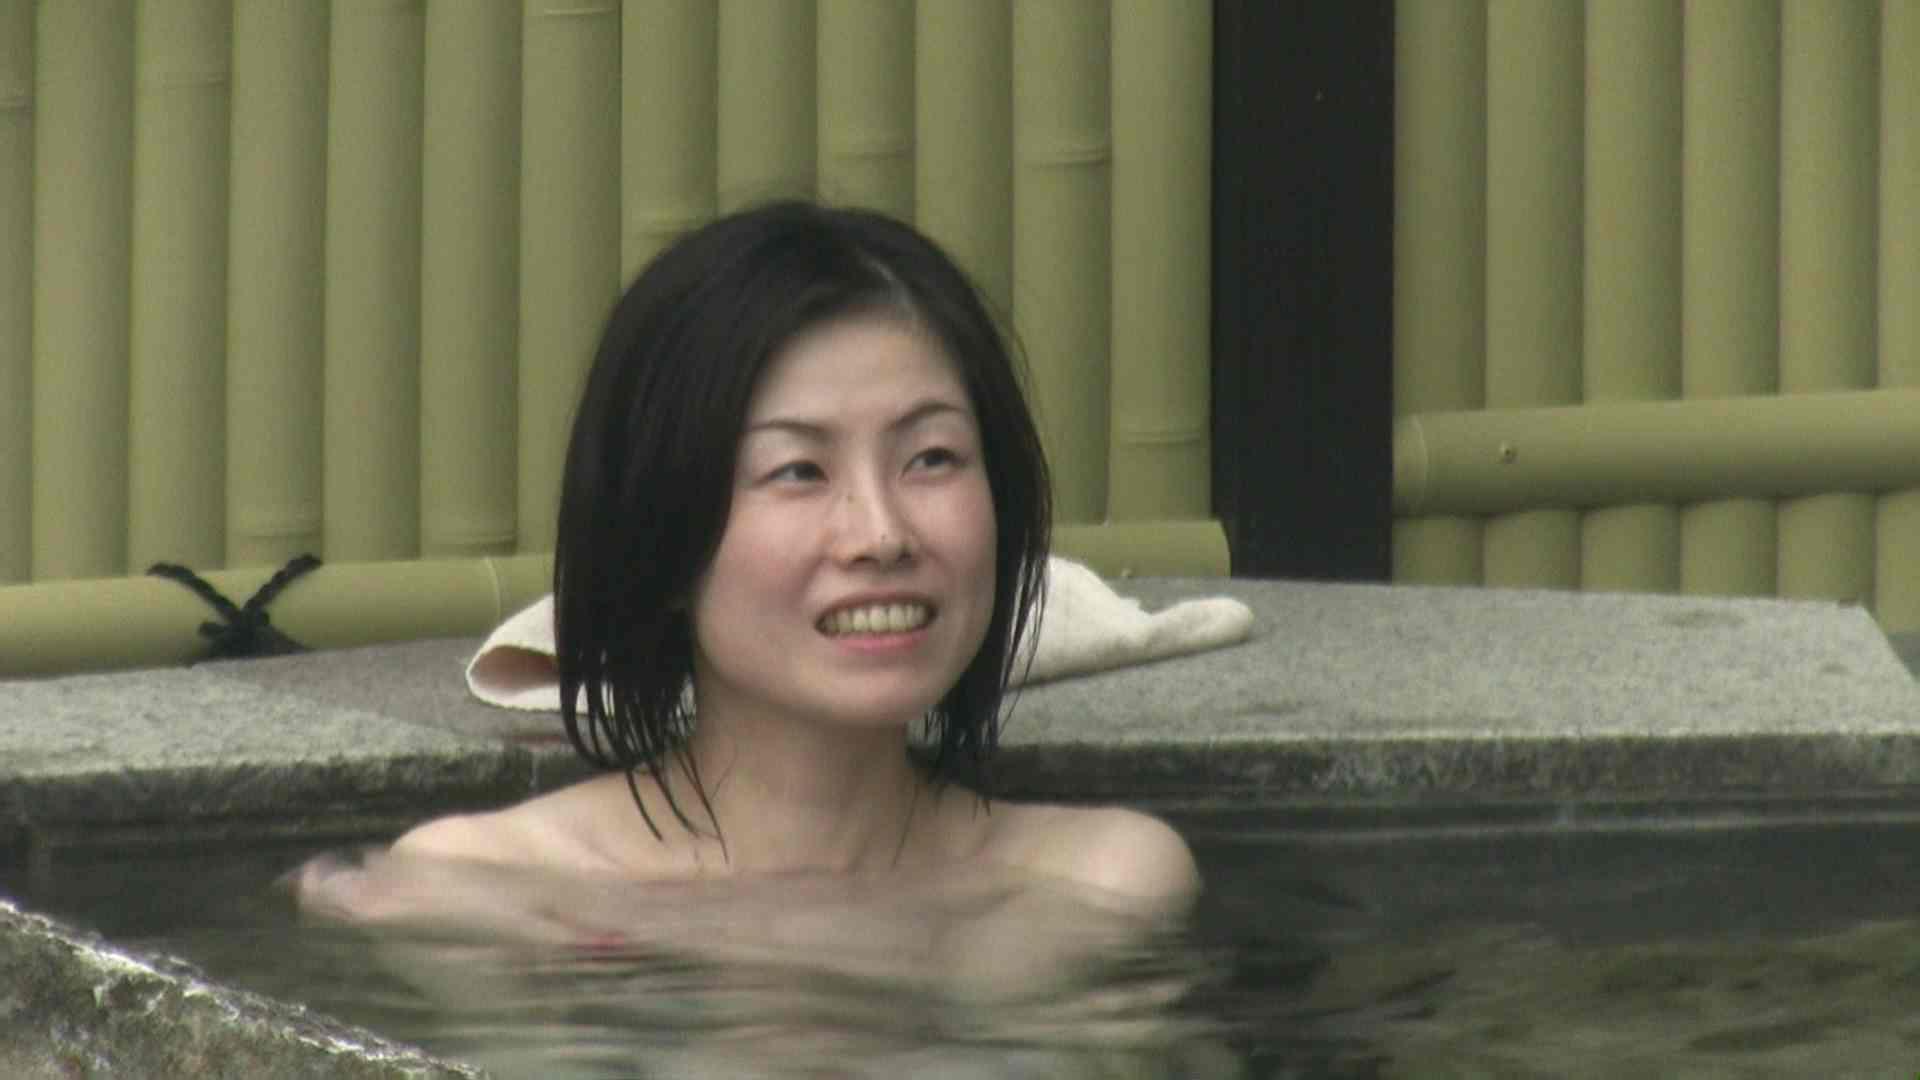 高画質露天女風呂観察 vol.035 高画質 オメコ動画キャプチャ 84枚 3